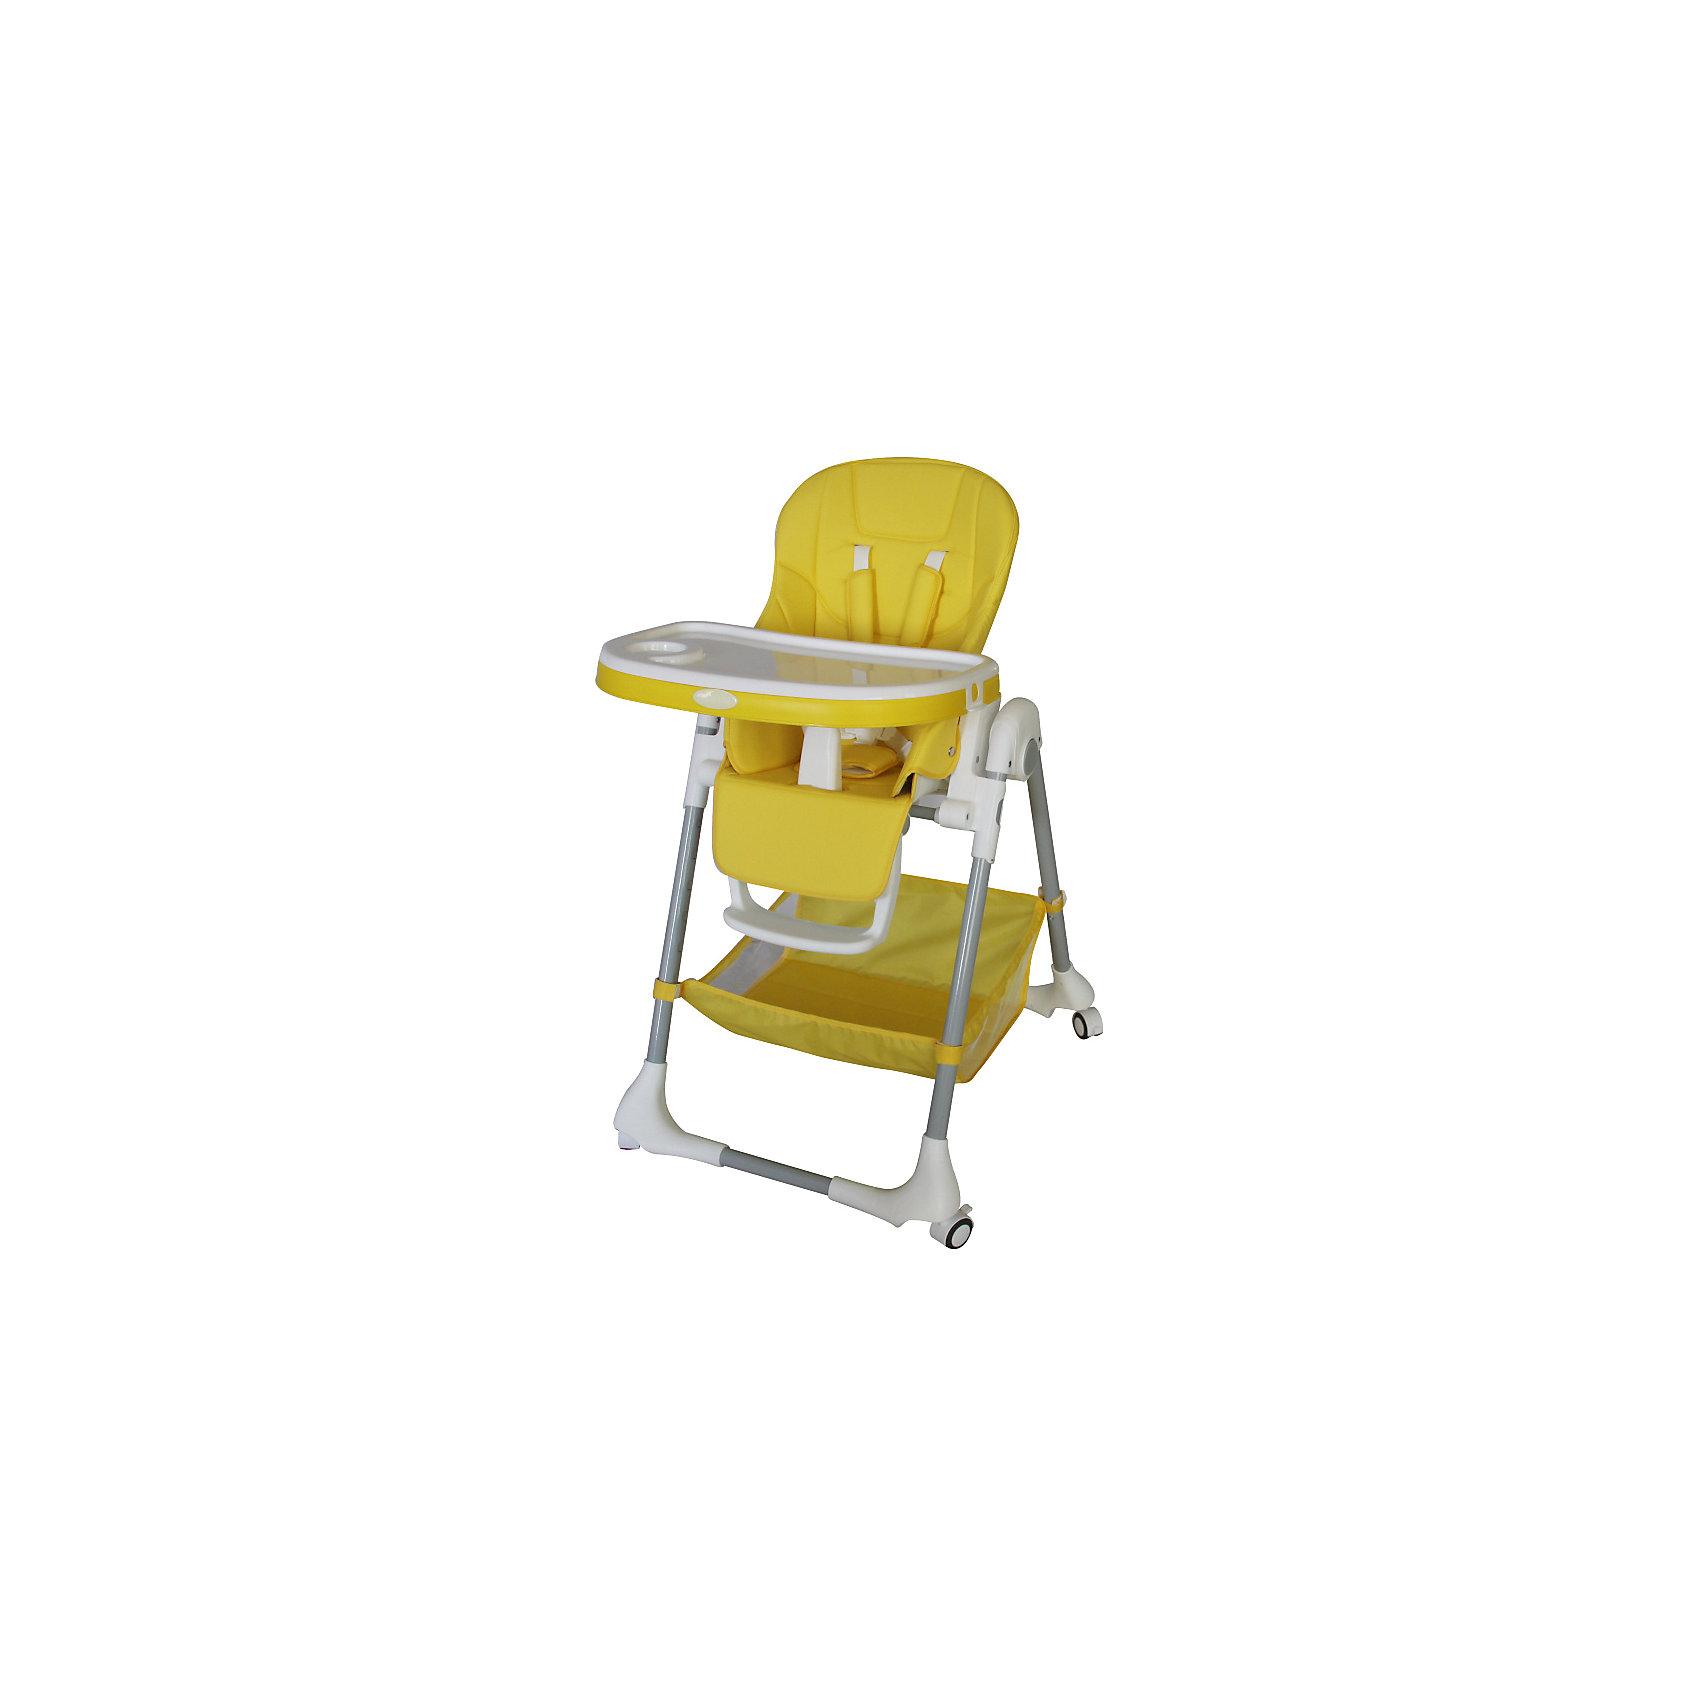 Стульчик для кормления, Aricare, YellowСтульчики для кормления<br>Функциональный стульчик для кормления, сиденье которого изготовлено из качественного кожзаменителя. Для детей от 5-6 месяцев до 4-5 лет (Максимальный вес до 25 кг). Элегантные расцветки легко впишутся в интерьер кухни или гостиной. Обладает всеми необходимыми регулировками, которые позволят Вам с малышом в полной мере насладиться временем, проведенным вместе. Легко перемещается по квартире за счет колес на всех 4 ножках, оснащены стопорами.<br><br>Подробное описание стульчика для кормления Aricare 1014-B<br><br>просторное сиденье из экологичного, гипоаллергенного кожзаменителя<br>съемная обивка легко поддается чистке влажной тряпкой<br>легко передвигать по квартире за счет 4 колес со стопорами<br>рассчитан на долгий период использования - с 6 месяцев до максимального веса в 25 кг<br>при наклоне сиденья угол между сиденьем и спинкой увеличивается, и малыш может вытянуть ножки и вздремнуть.<br>большая и удобная съемная двойная столешница, регулируемая по глубине (3 положения), размеры 63*30, на ножках предусмотрены специальные крепления для снятой столешницы <br>удобные 5-ти точечные ремни безопасности с мягкими плечевыми накладками<br>центральный замок на ремнях безопасности<br>удобное и просторное сиденье: ширина 27см, глубина 23 смвысота сиденья от пола: от 27см до 64 см (7 положений)<br>регулируемая в трех положениях подножка (длина 15 см, вместе с сиденьем образуют ровную поверхность)<br>оснащен дополнительной защитой от выскальзывания ребенка<br>регулировка по высоте (от 84 до 105 см)регулировка по наклону (5 положений), <br>включая положение для отдыха, легко меняется одной рукой<br>просторная корзина и кармашек для мелочей<br>легко складывается и раскладывается, компактен в сложенном состоянии (84 х 30 см)в сложенном состоянии стоит вертикально<br>стульчик складывается вместе со столешницей<br>устойчив, (ширина по колесикам 57 х 72 см)<br>Сертификат международного образца SGS EN1888 и Сертификат